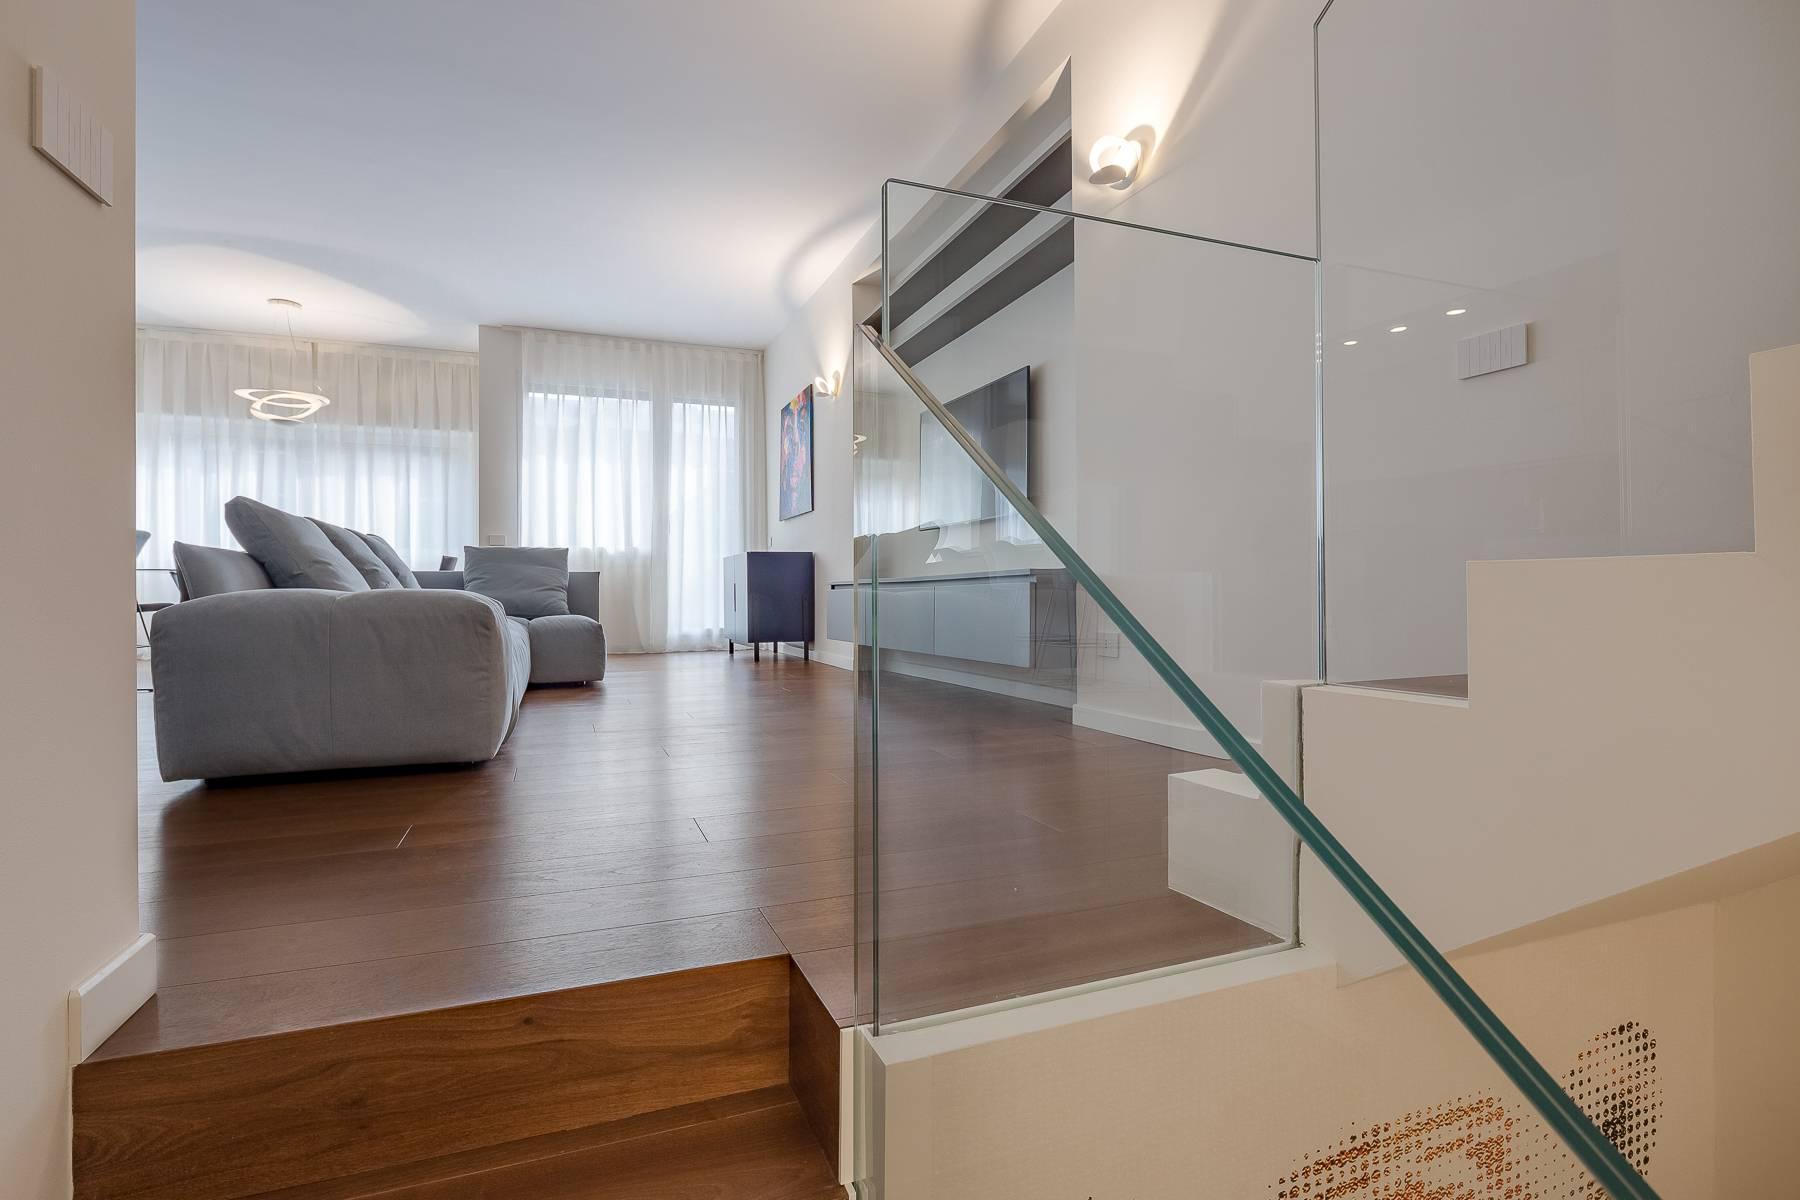 Wunderschöne Drei-Zimmer-Wohnung im Sempione Stadtviertel - 3